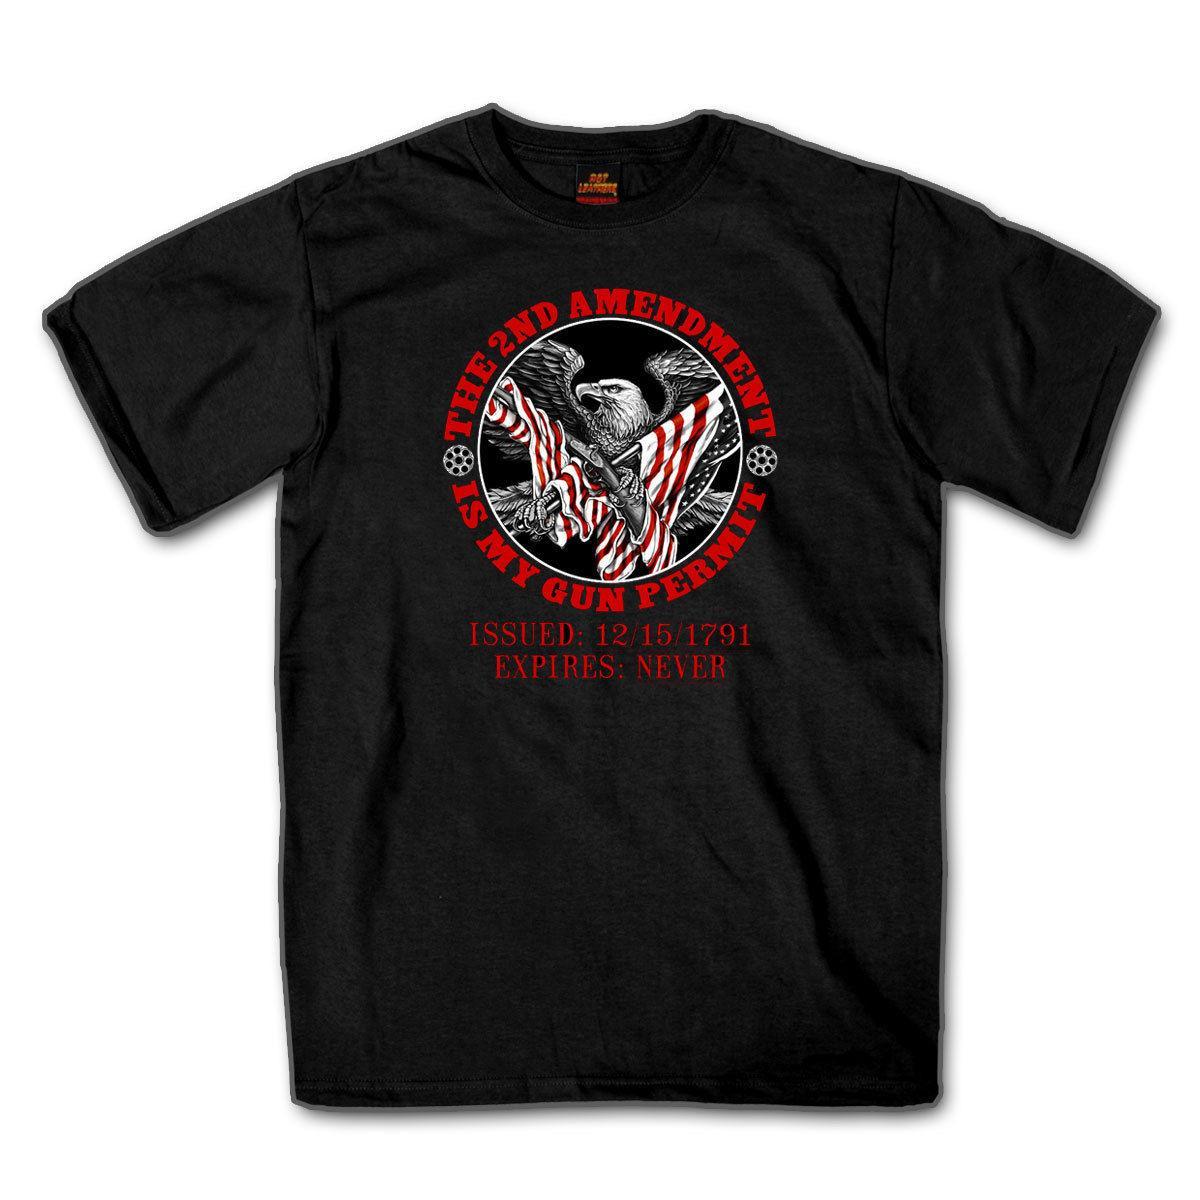 2019 neue Männer-amerikanische Flagge Adler 2. Änderung ist meine Gewehr-Erlaubnis-T-Shirt # B351-T-Shirt